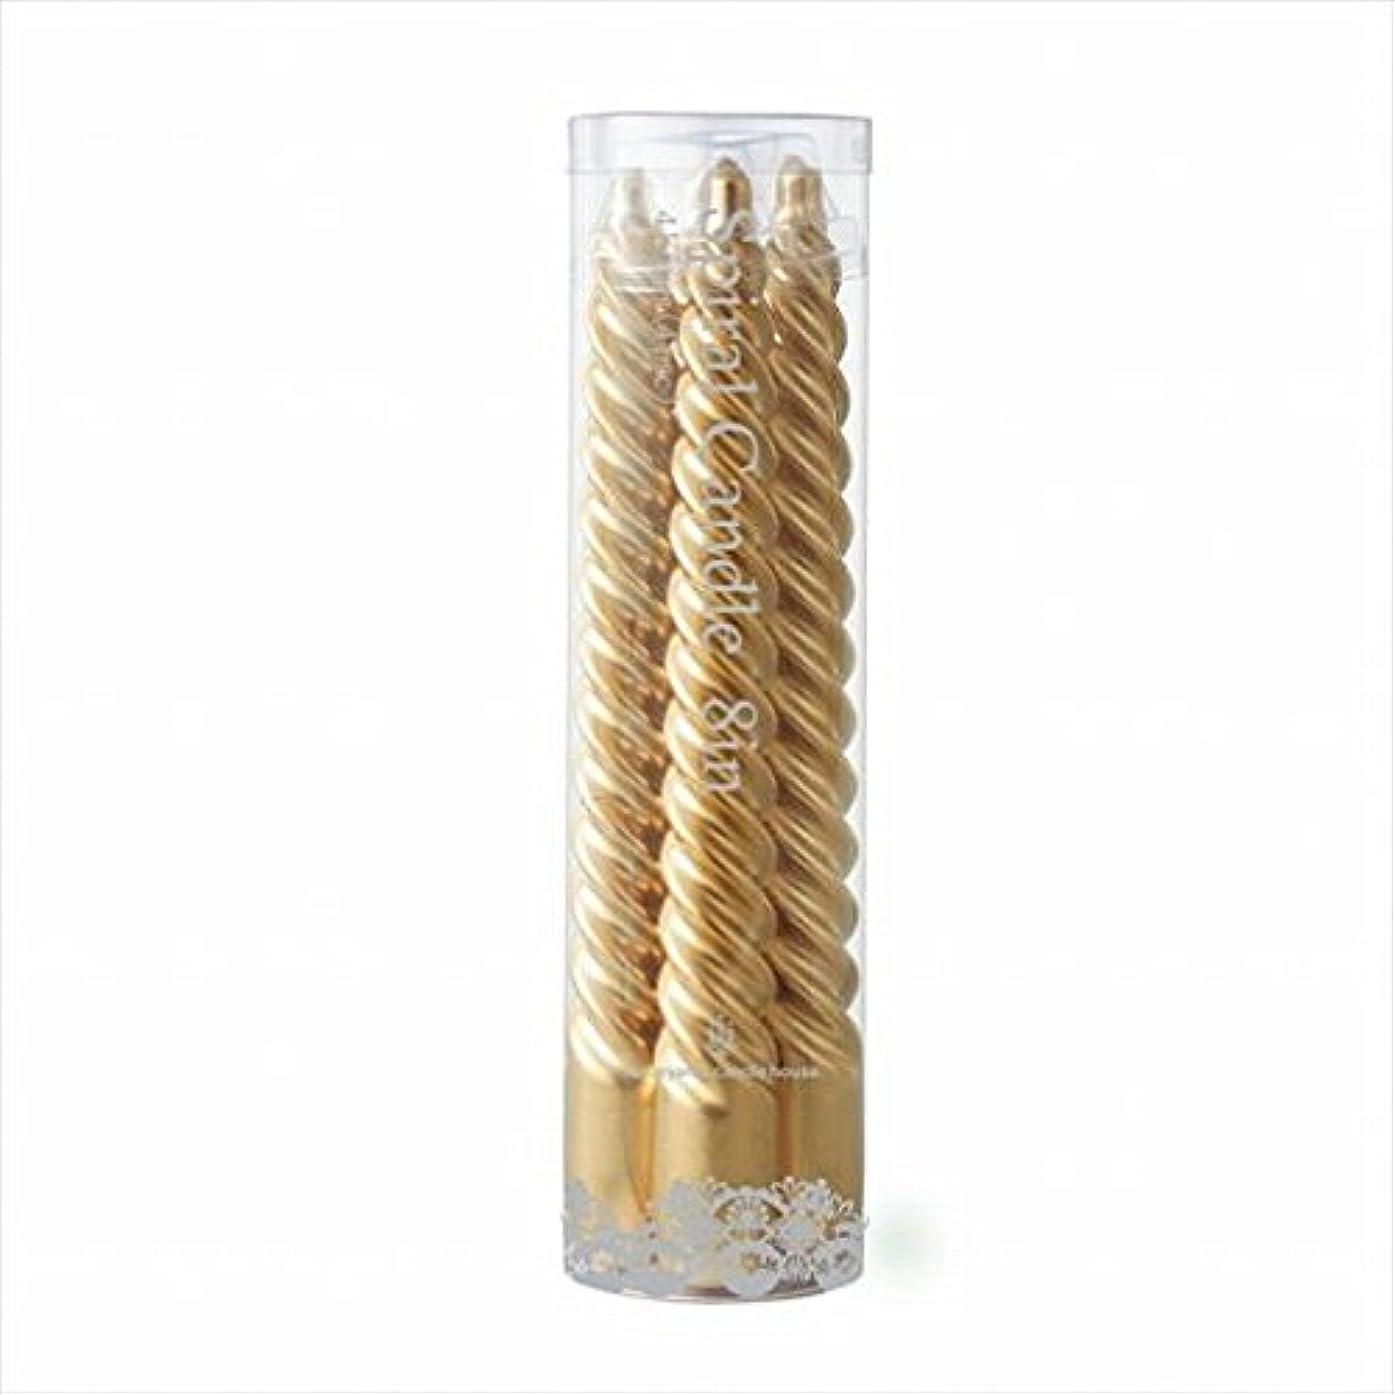 明確なマチュピチュ堂々たるカメヤマキャンドル(kameyama candle) 8インチスパイラル4本入り 「 ゴールド 」6箱セット